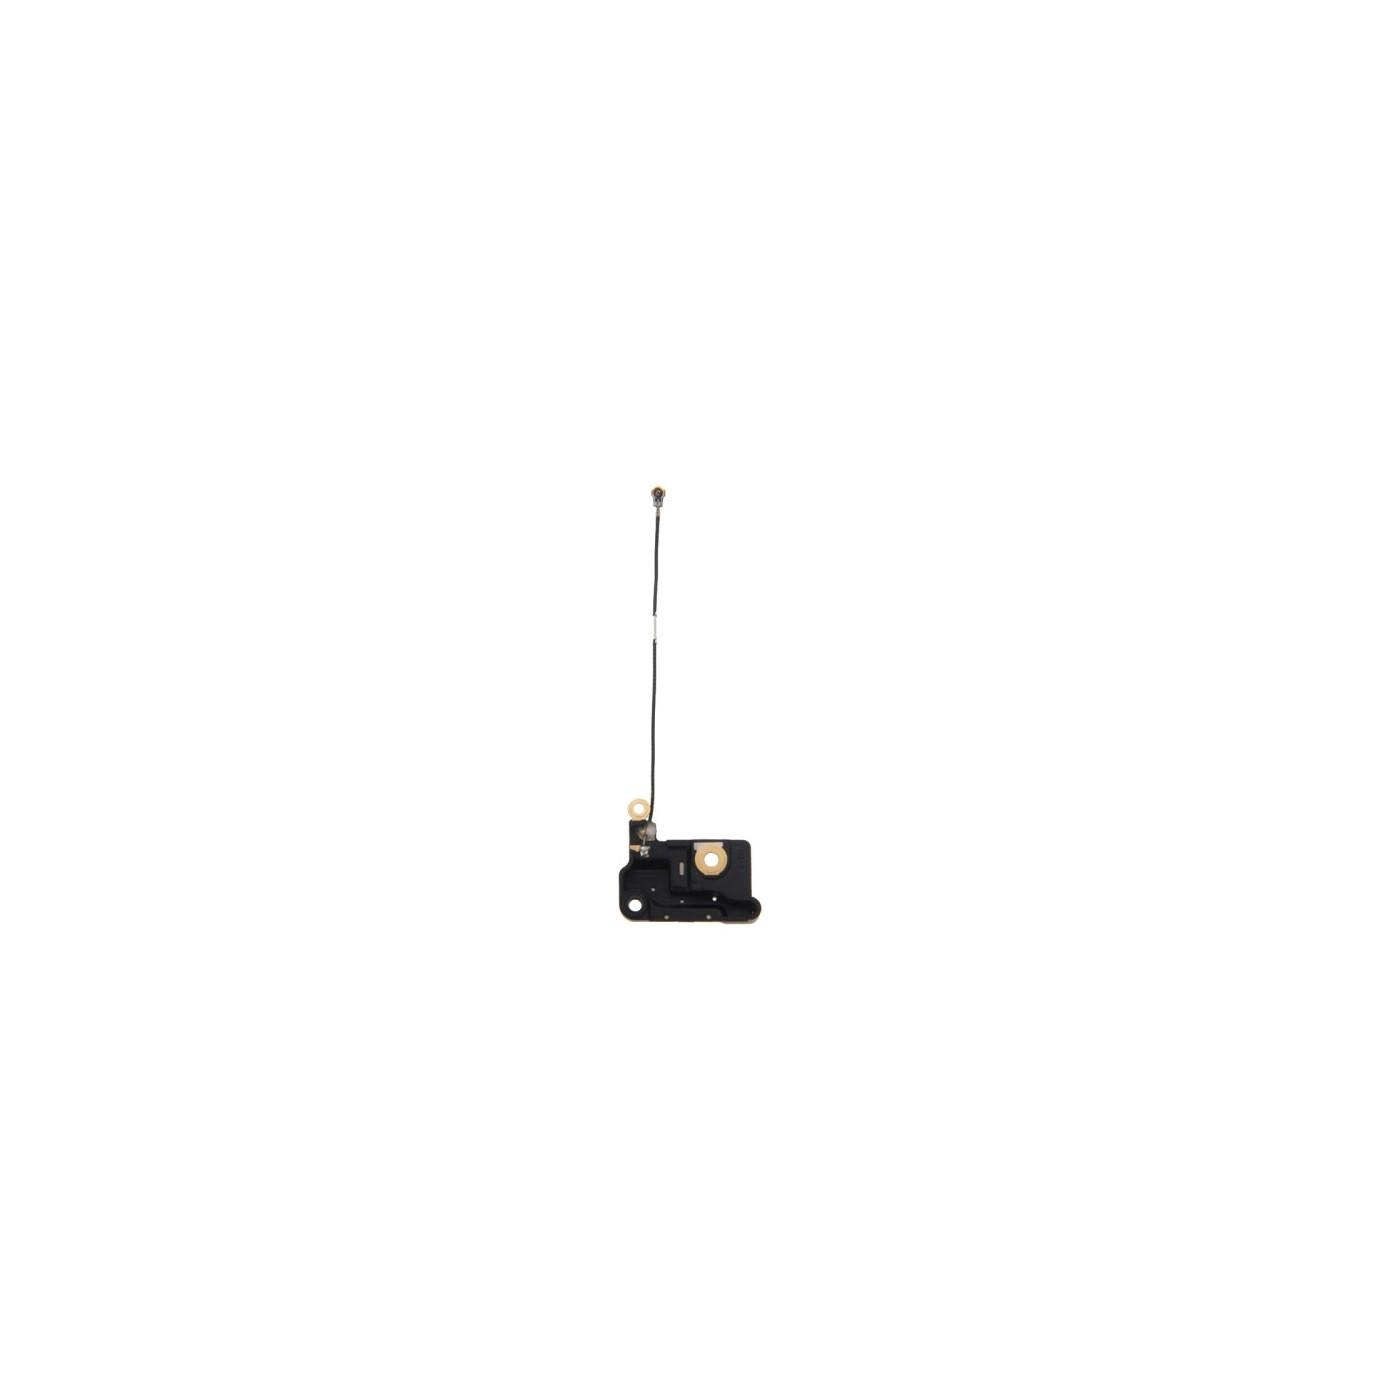 Soporte de módulo de antena WiFi para iPhone 6s Plus Señal inalámbrica de flex plana WI-FI